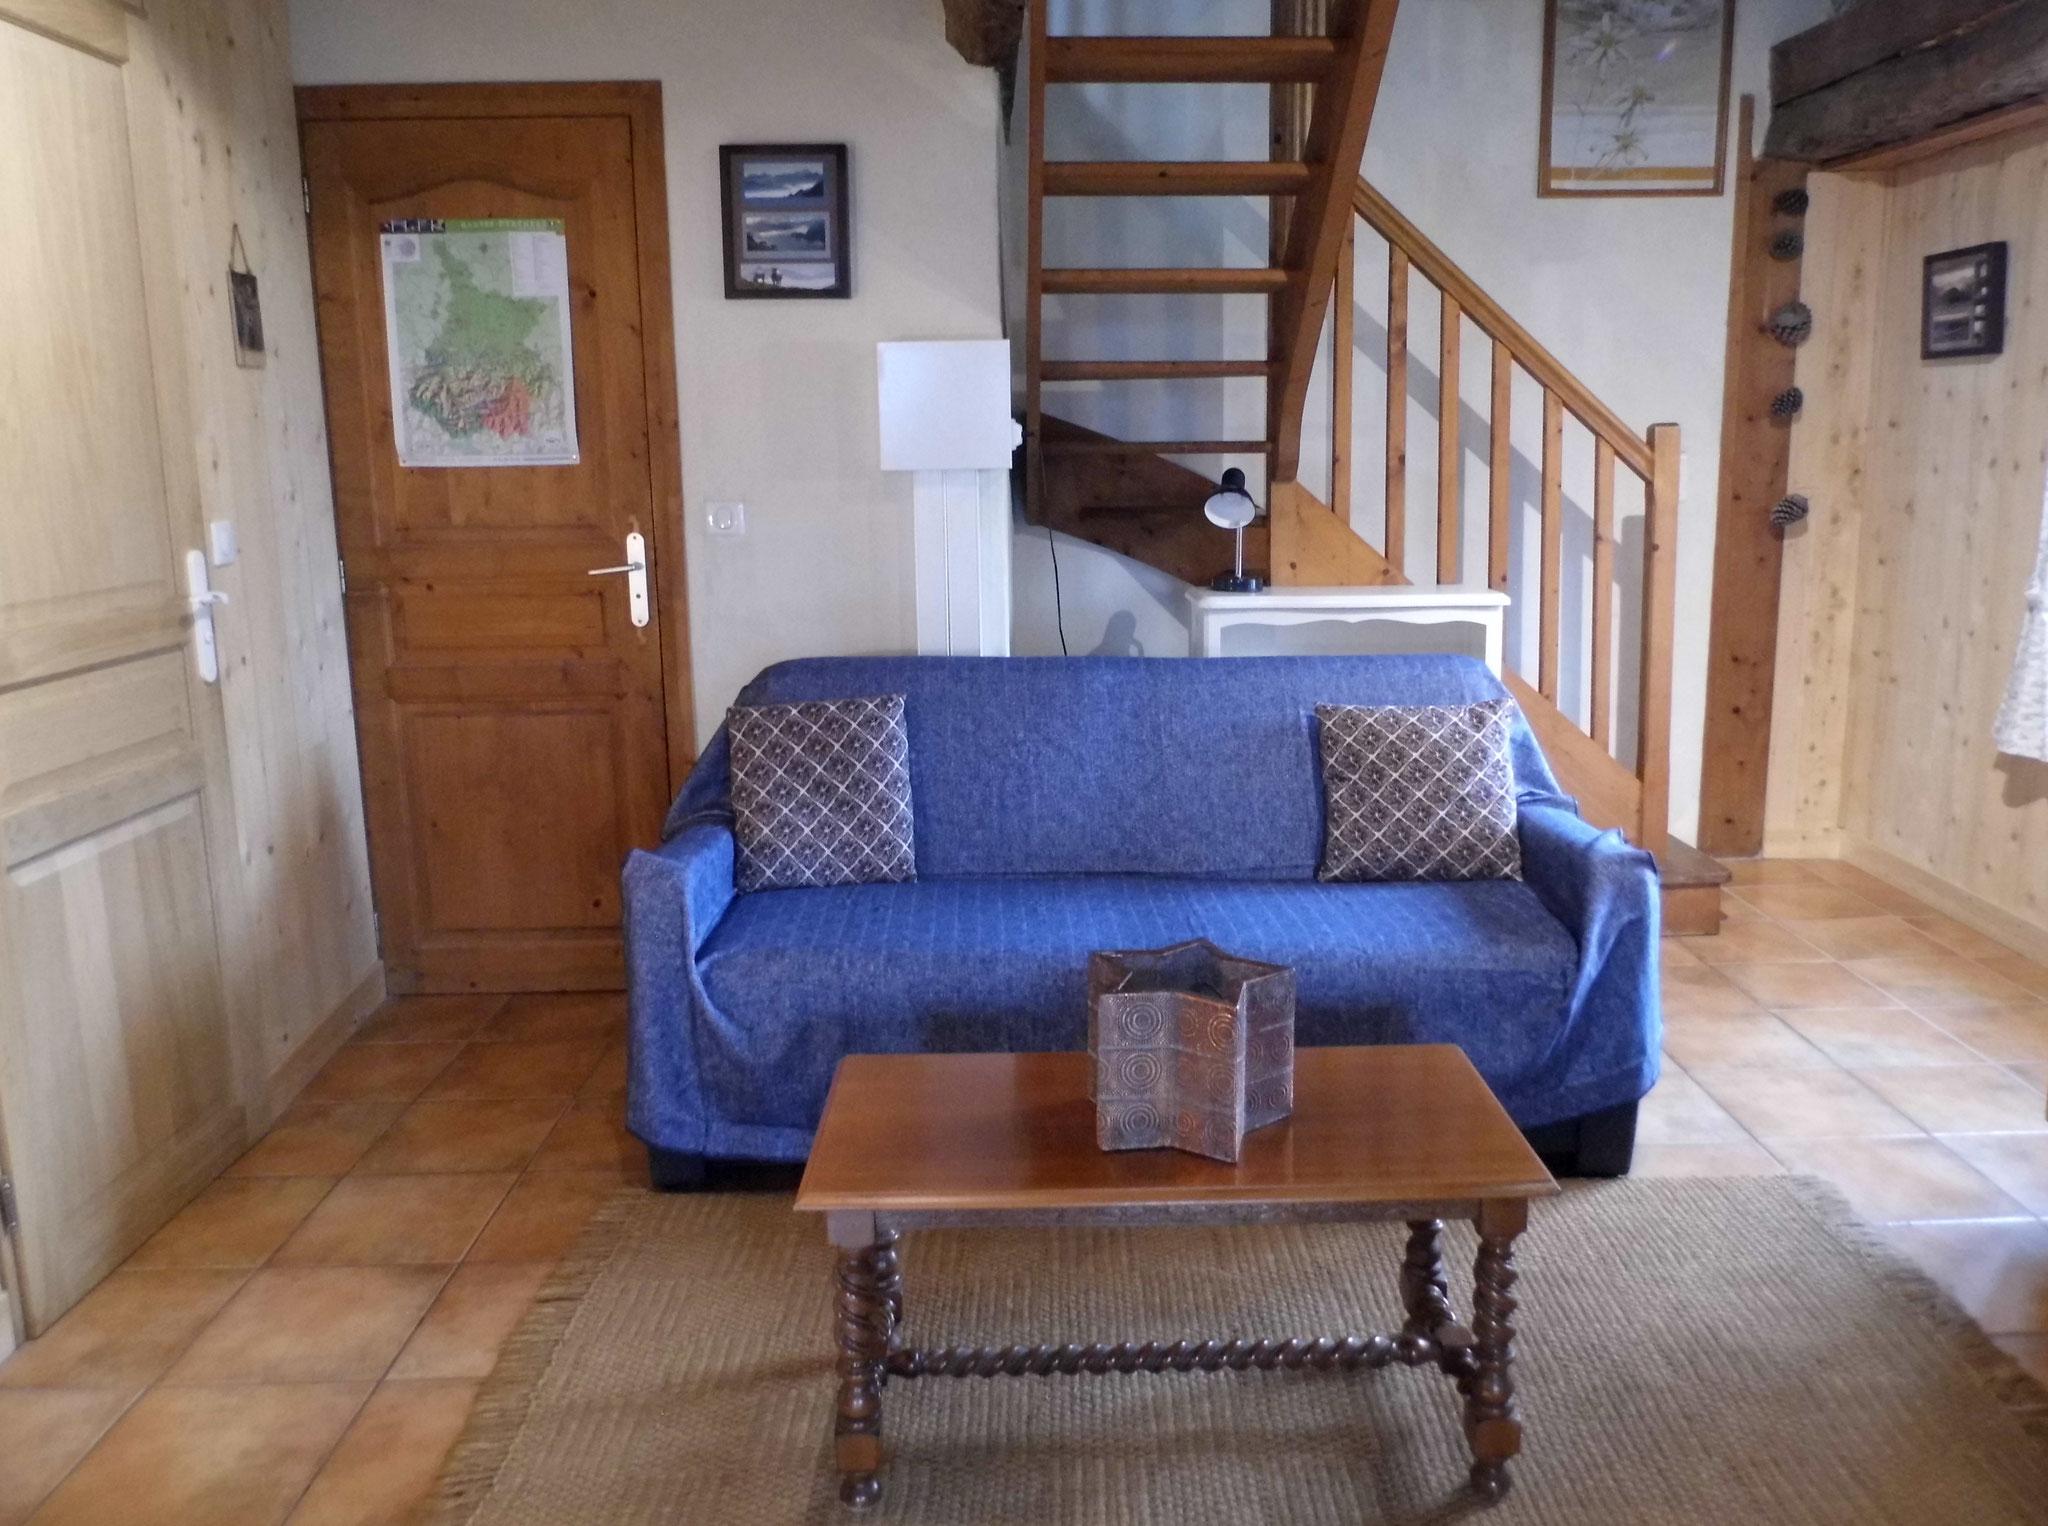 Le salon et son canapé-lit pour deux personnes